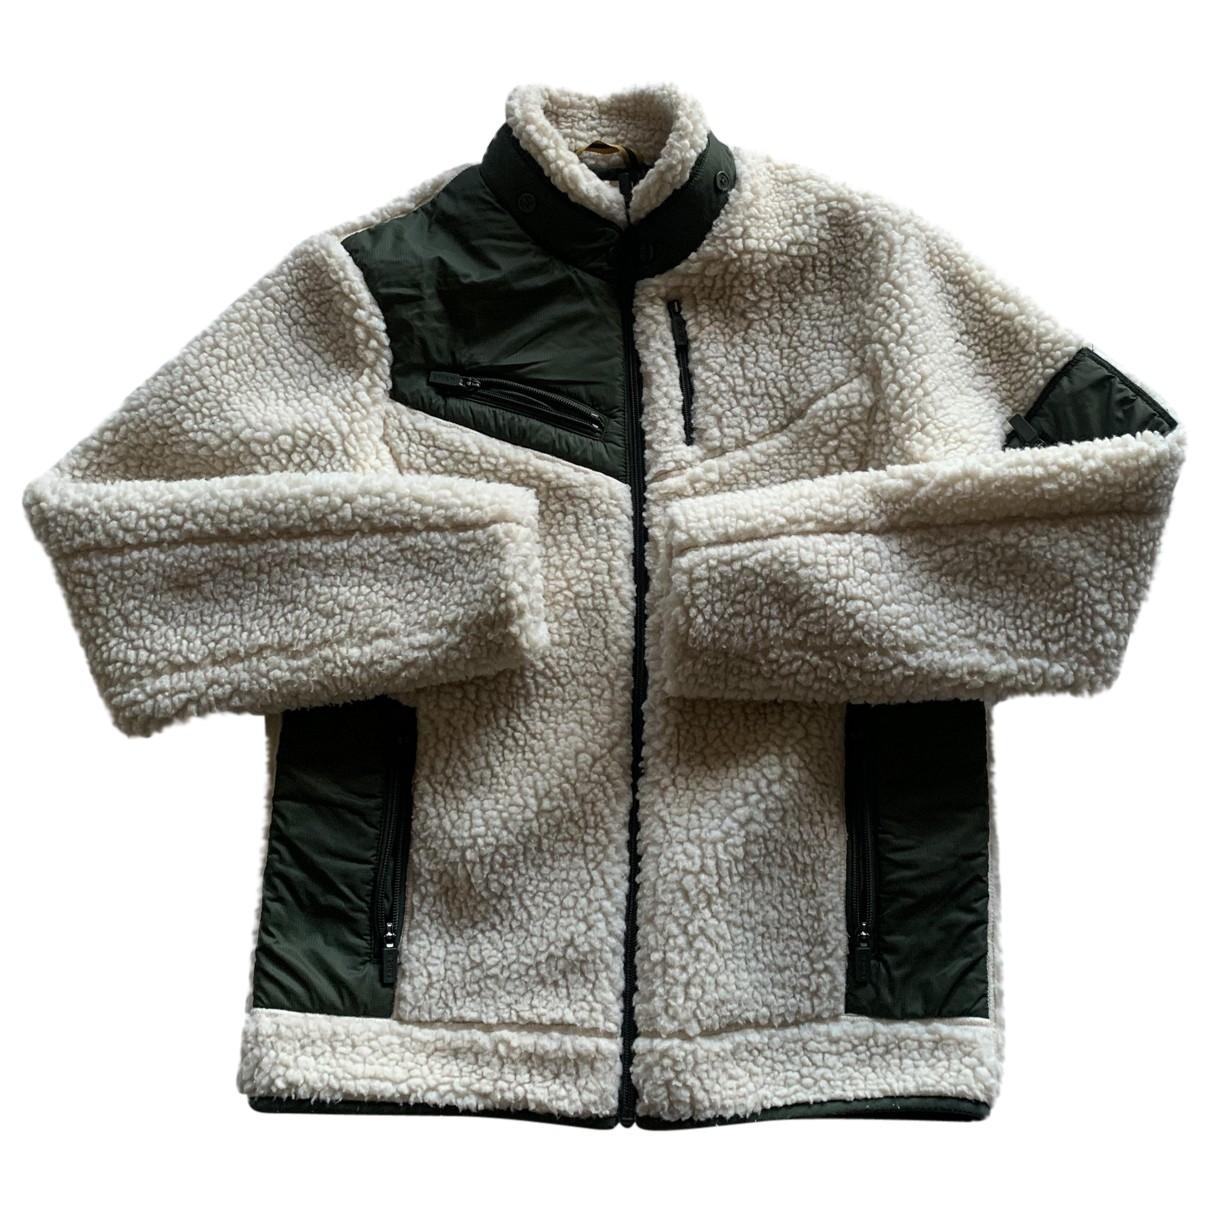 Erdem X H&m \N \N jacket  for Men M International